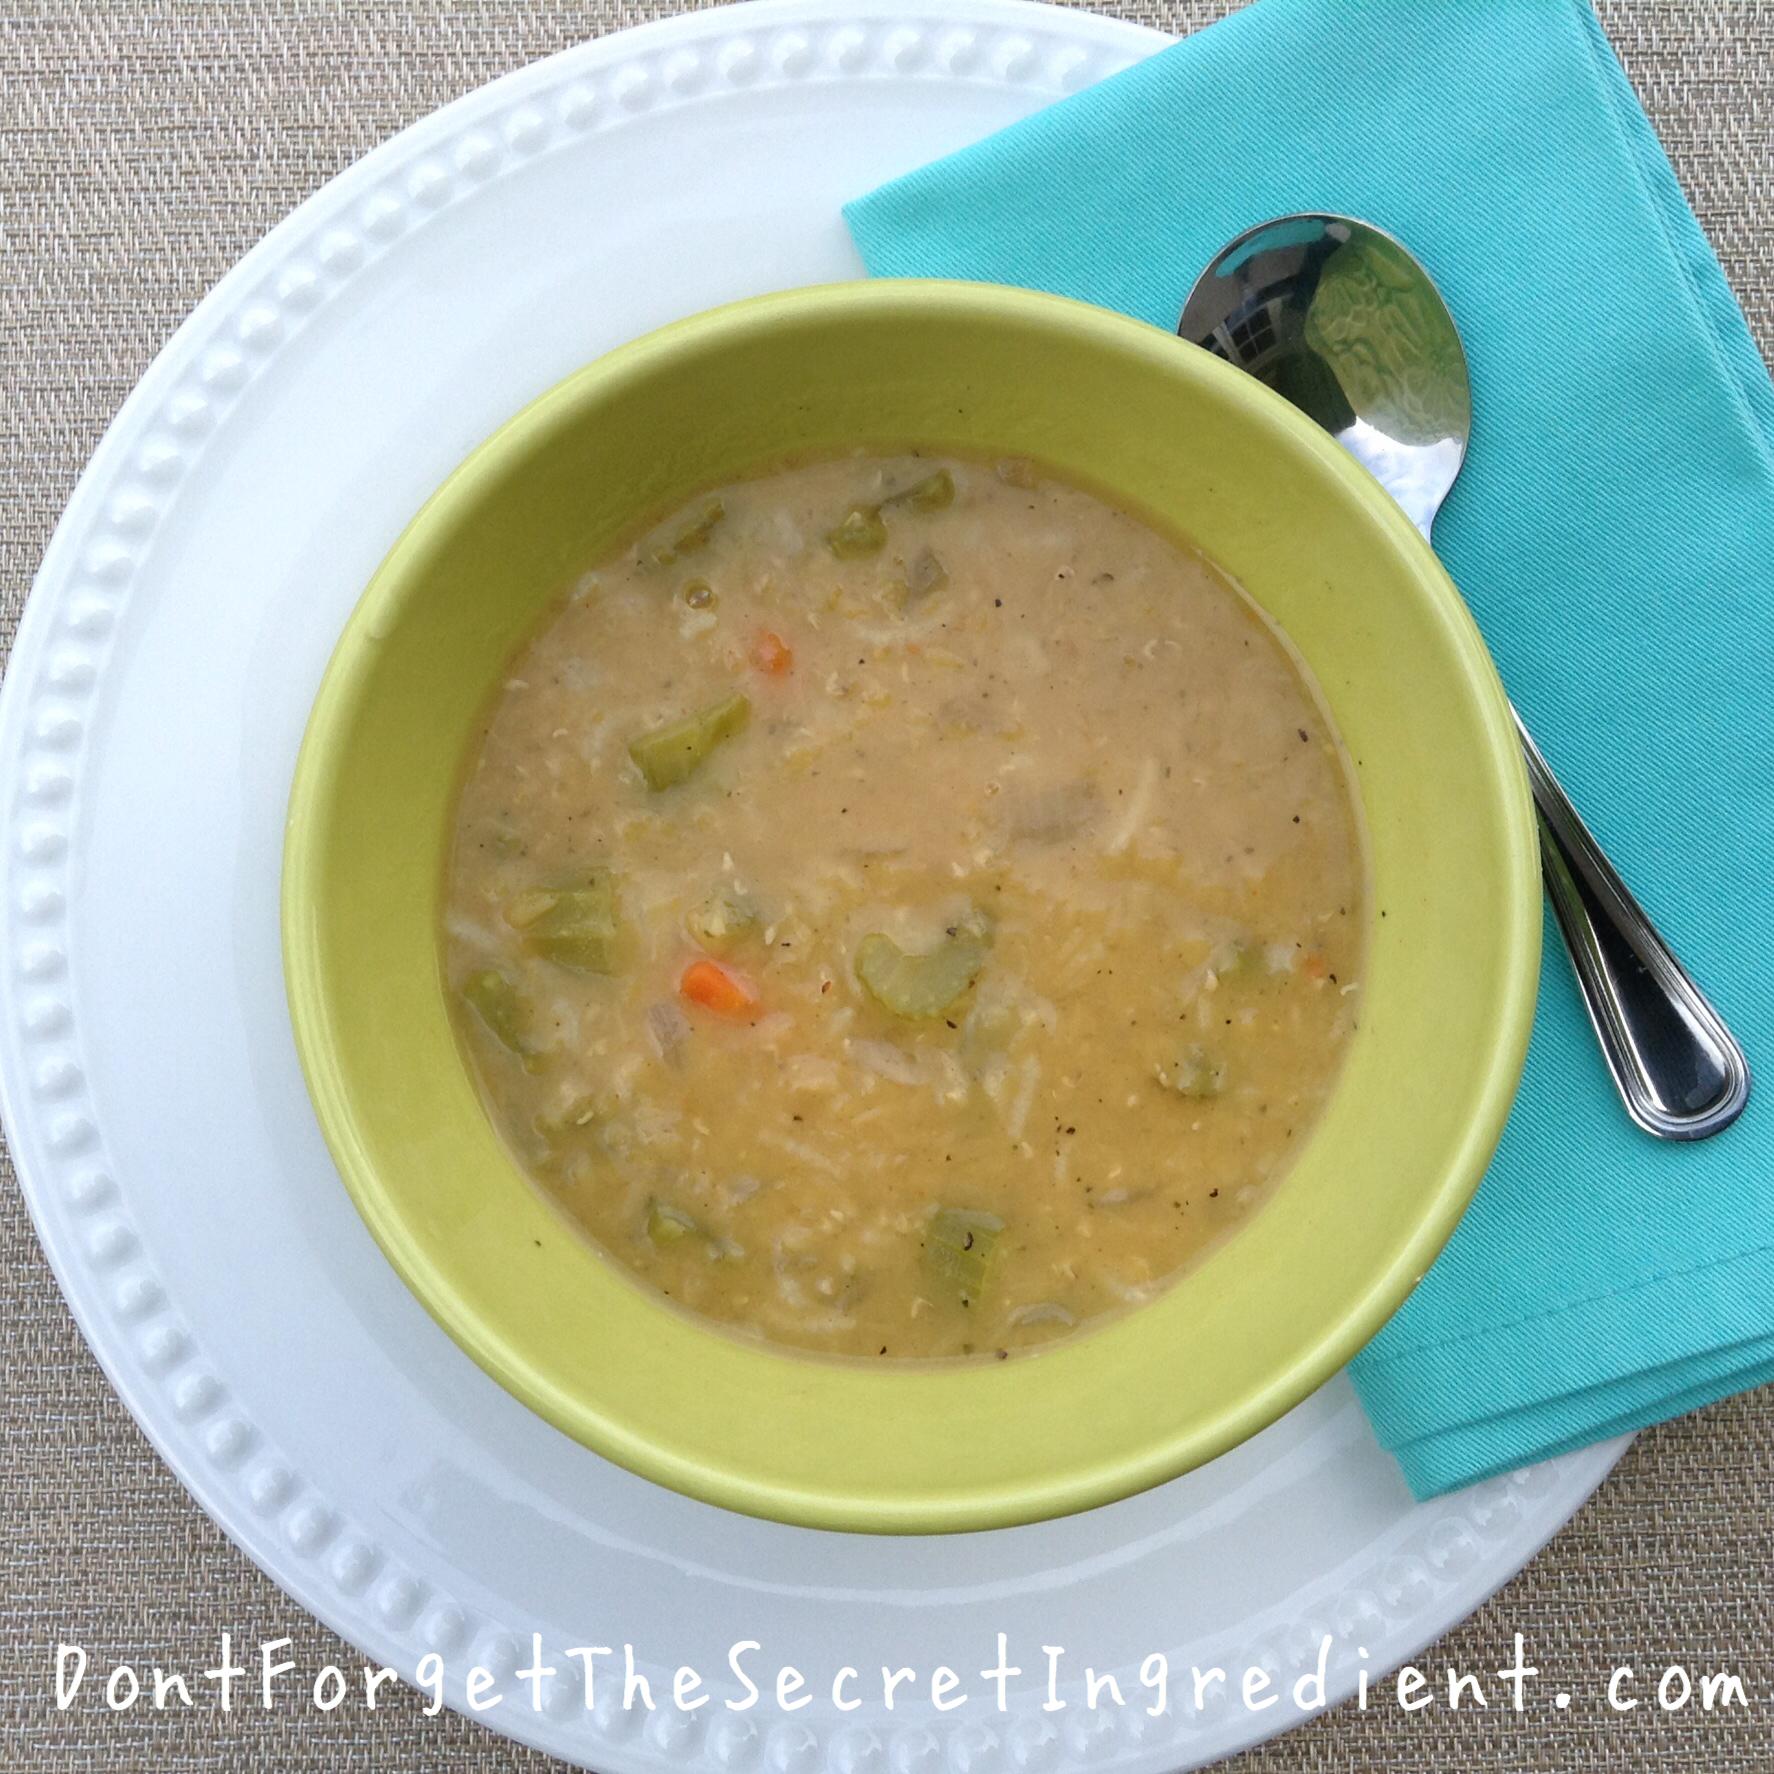 Zov's Golden Lentil Soup